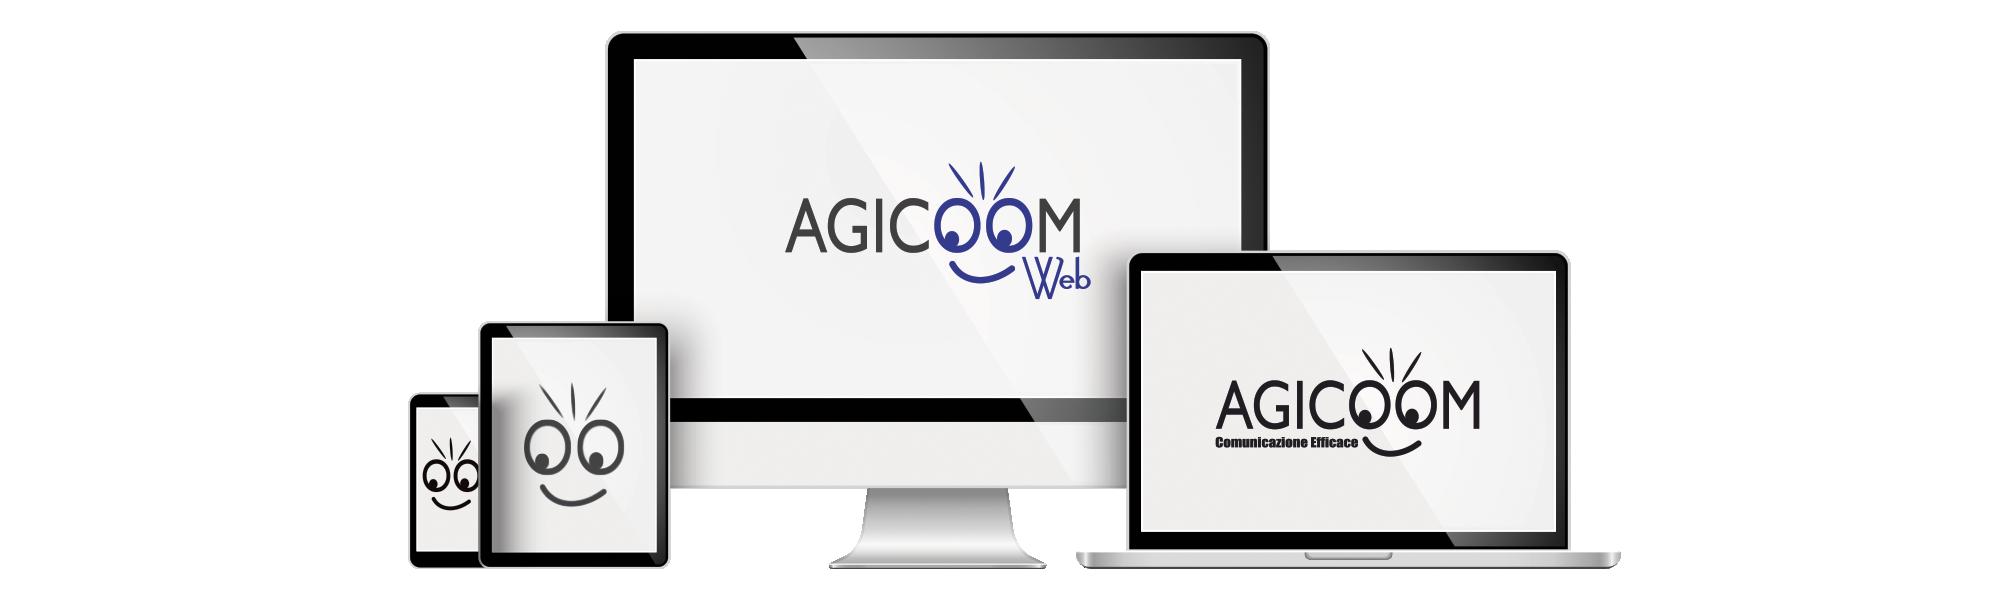 agicoom web siti realizzazione - AGICOOM   Agenzia Marketing Pubblicità e Comunicazione